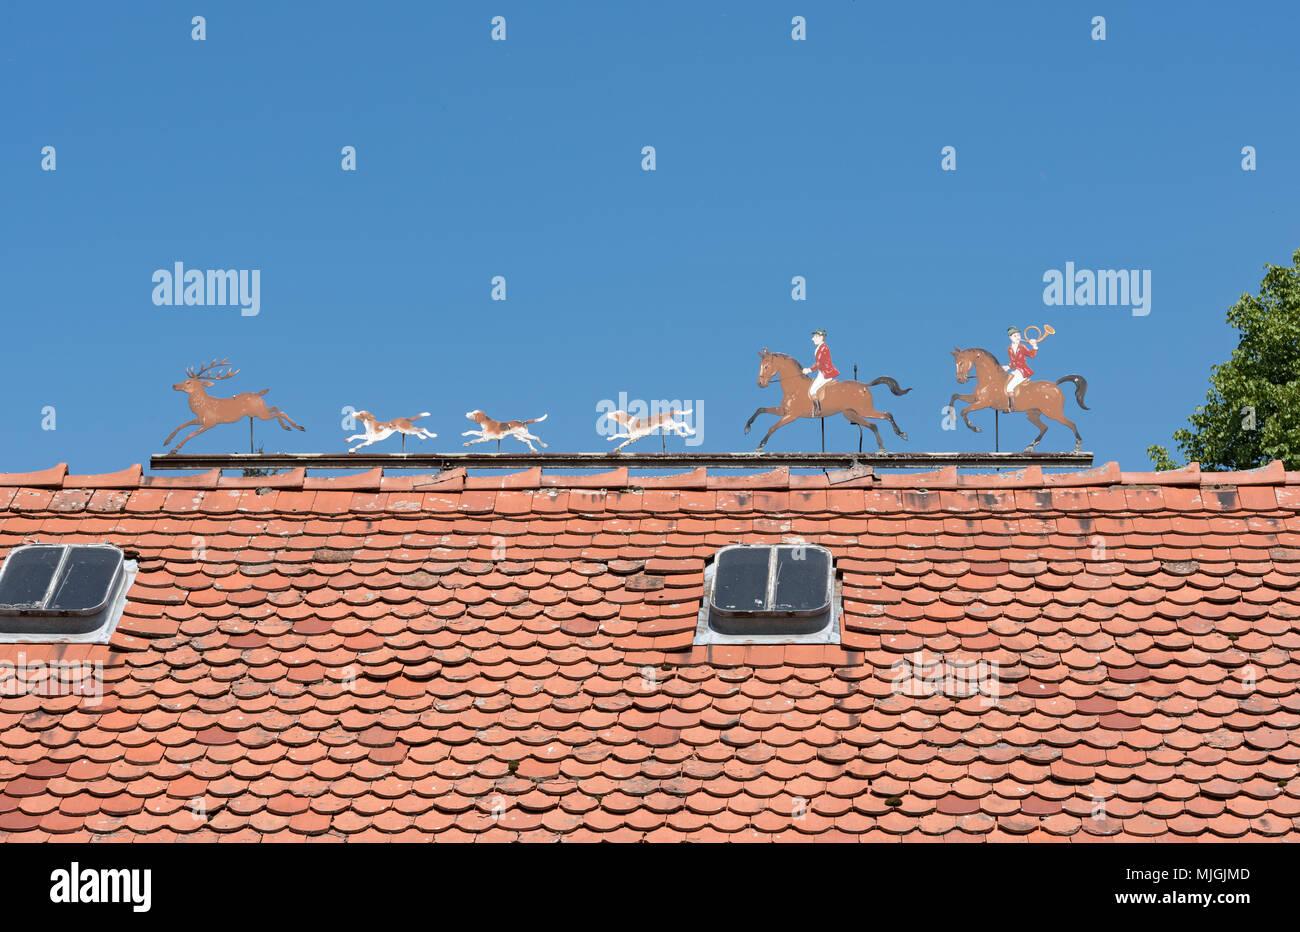 Metall zahlen Jagd Szene mit Jäger, Hirsch und Hunde Dach eines Immobilien Stockbild